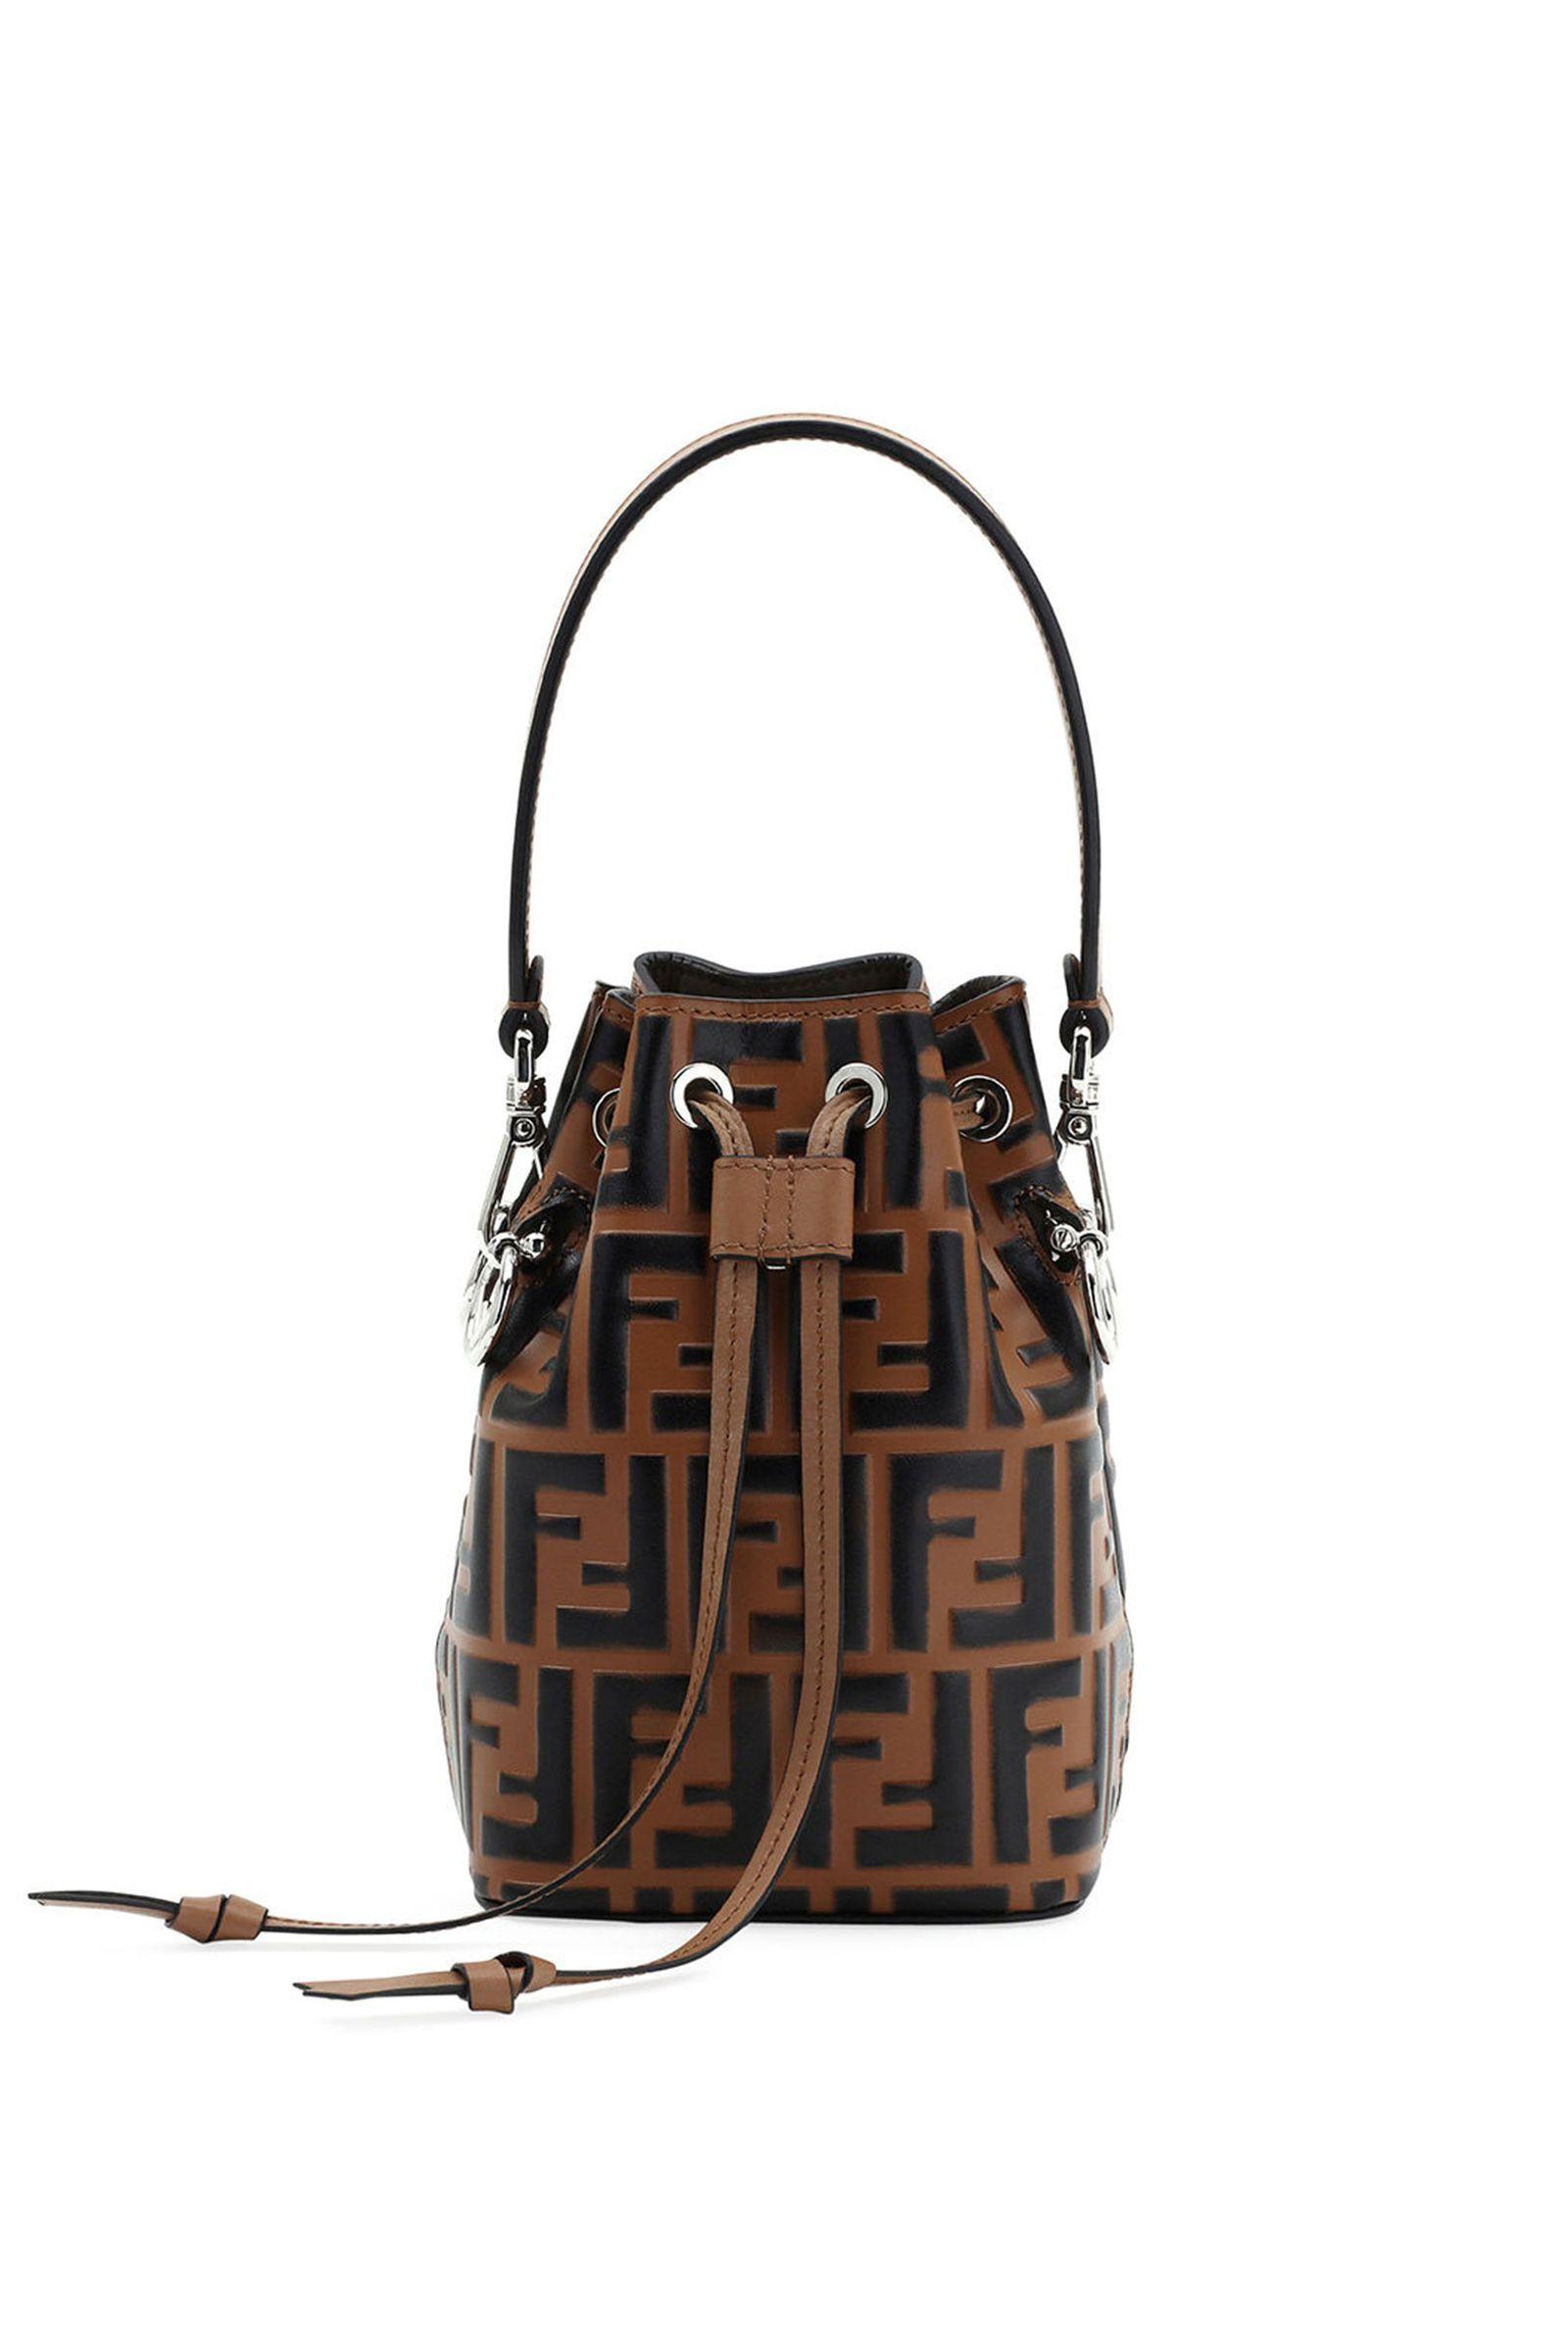 18ddf74f67dc Fendi Mon Tresor Small FF Bucket Bag